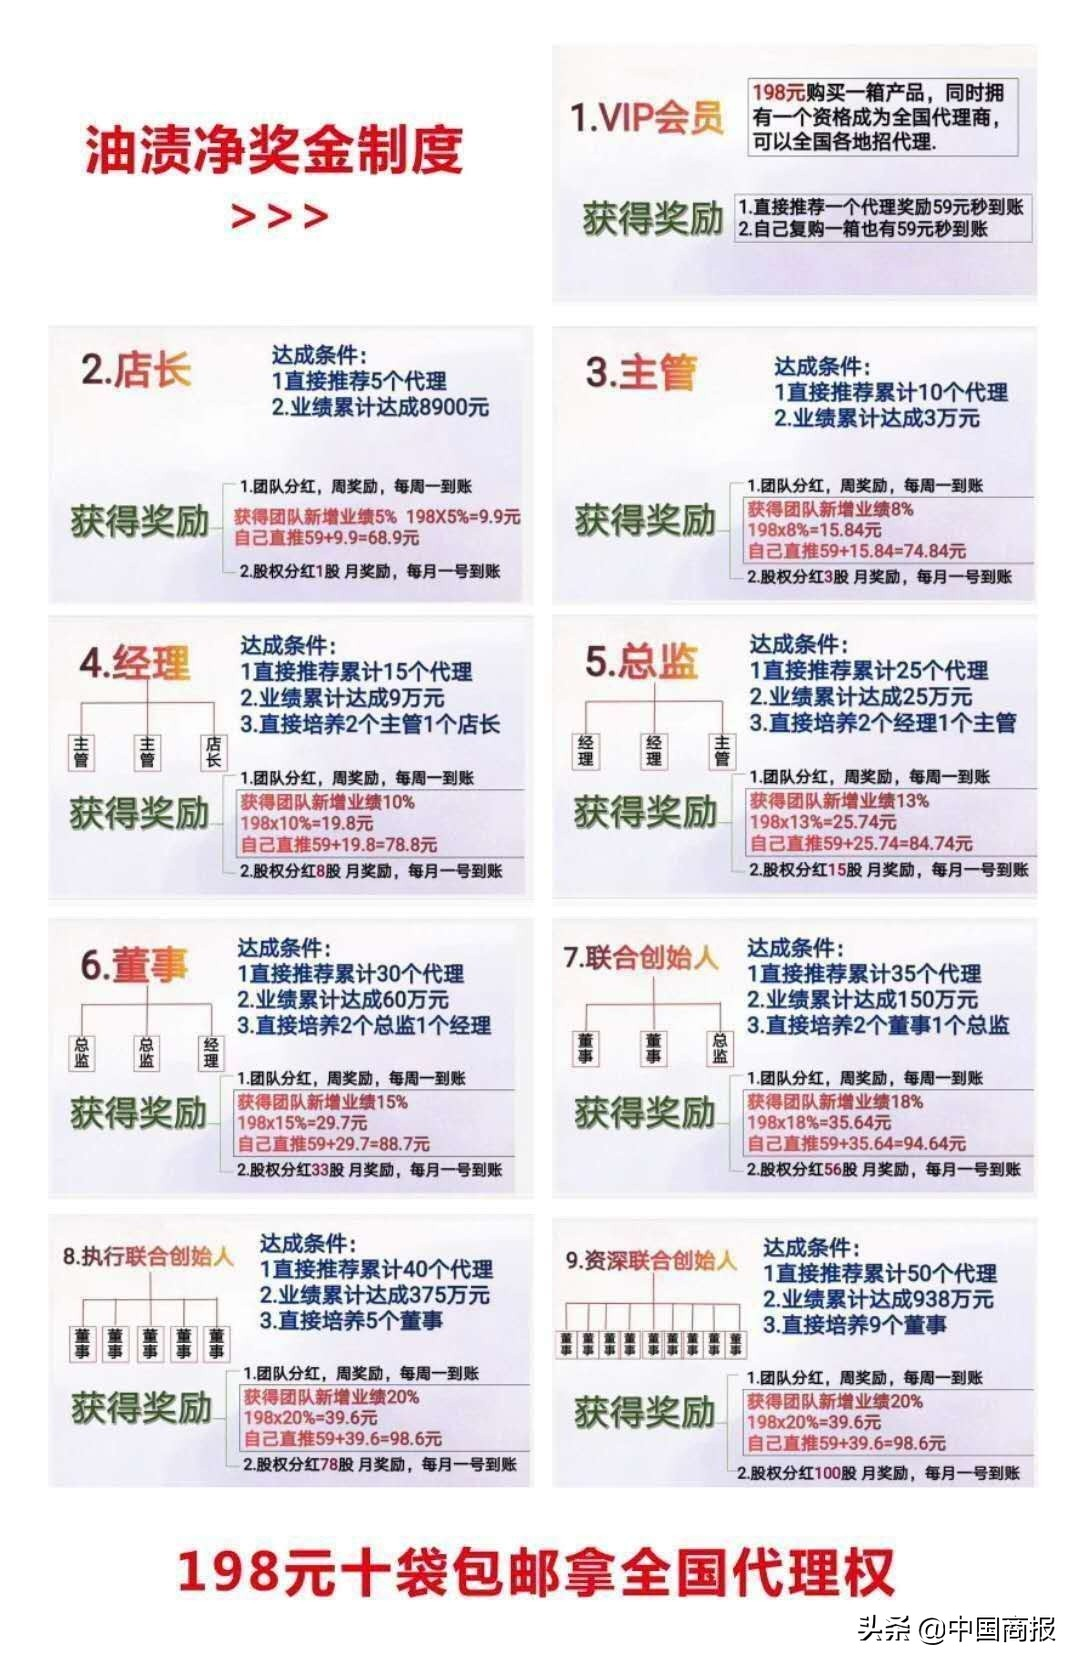 山东永春堂公司屡陷传销旋涡 市场监管部门已立案调查